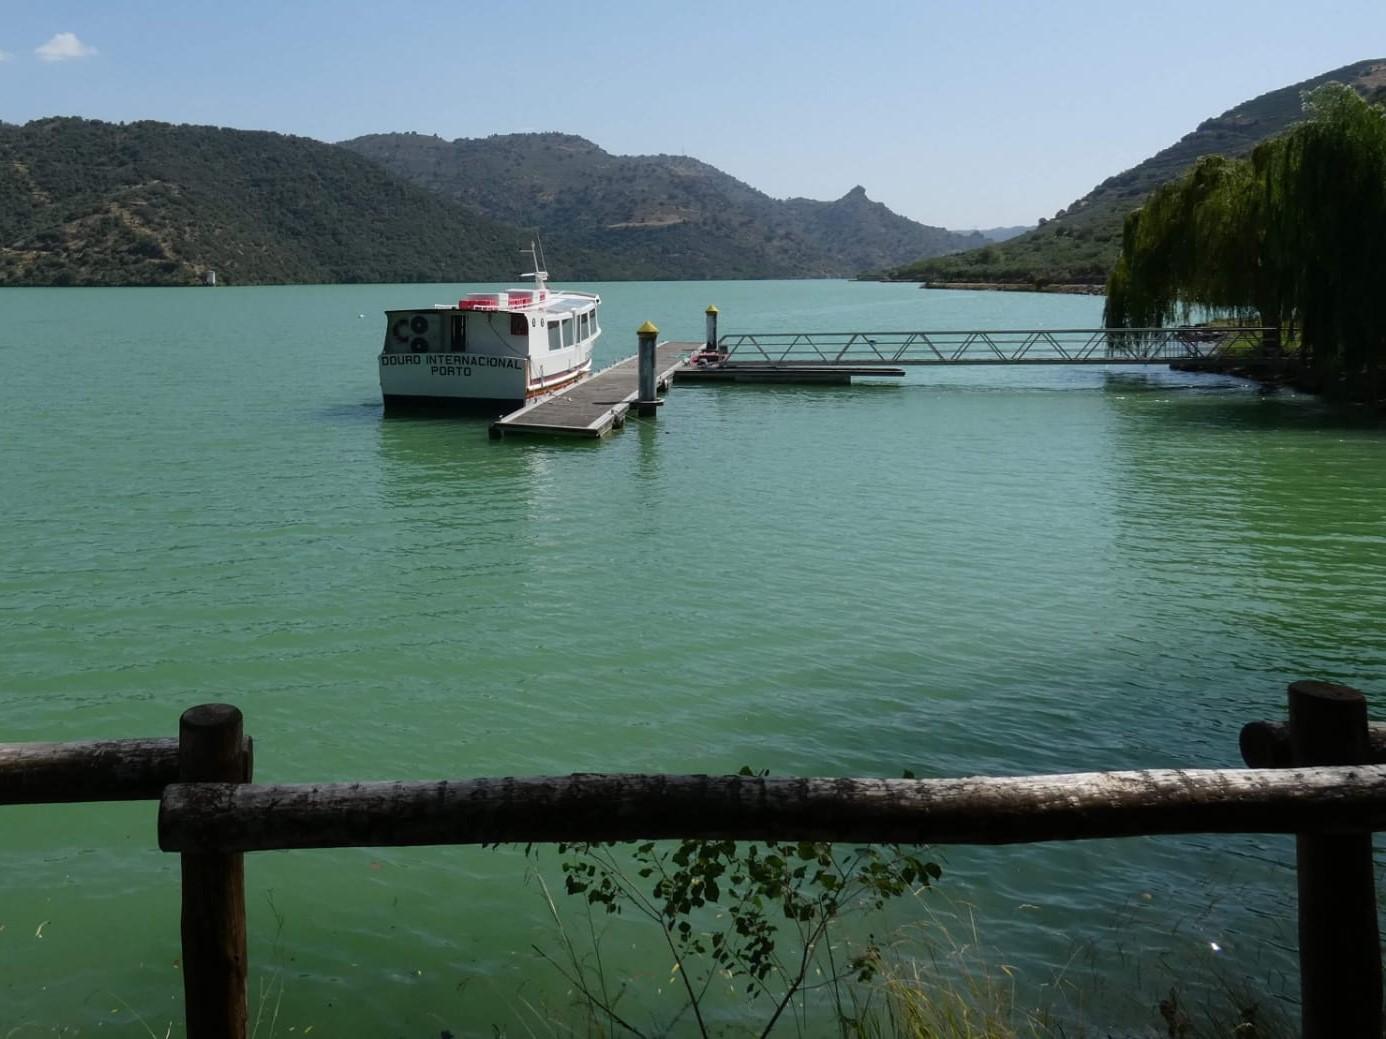 Falta de investimento no turismo e transportes no concelho de Freixo de Espada à Cinta